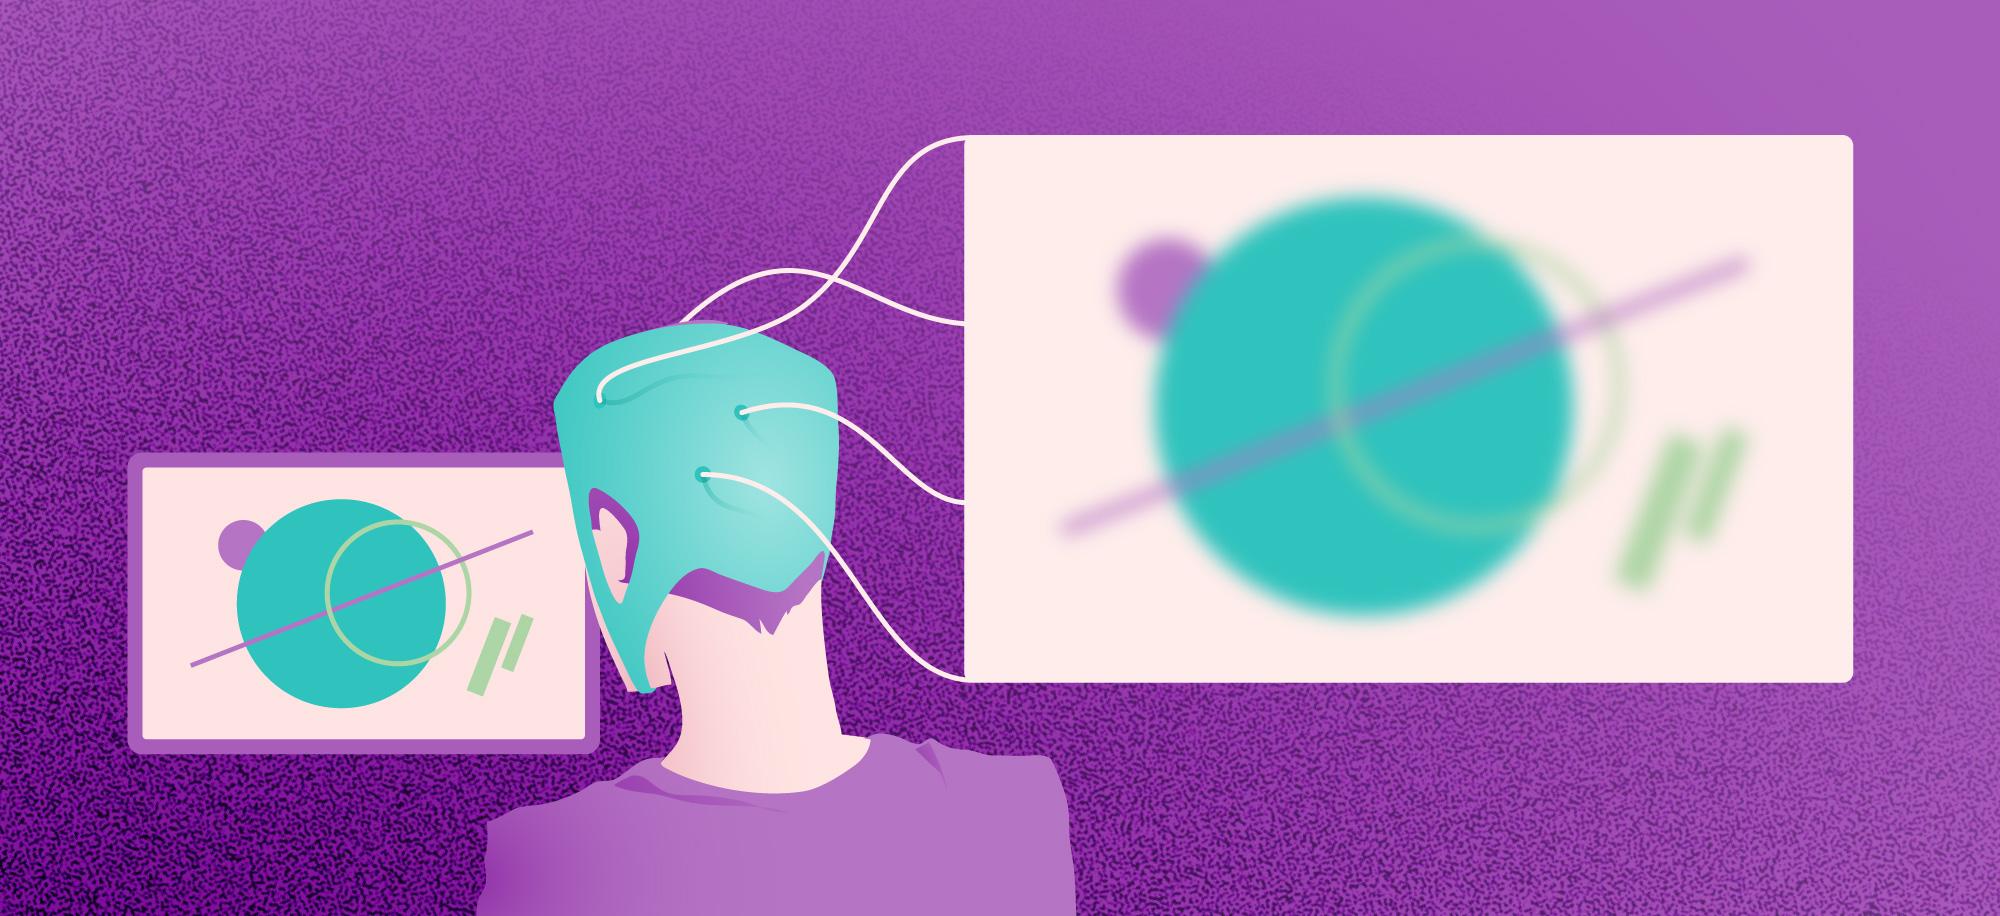 Нейросеть определяет, что видит человек, по показаниям энцефалограммы